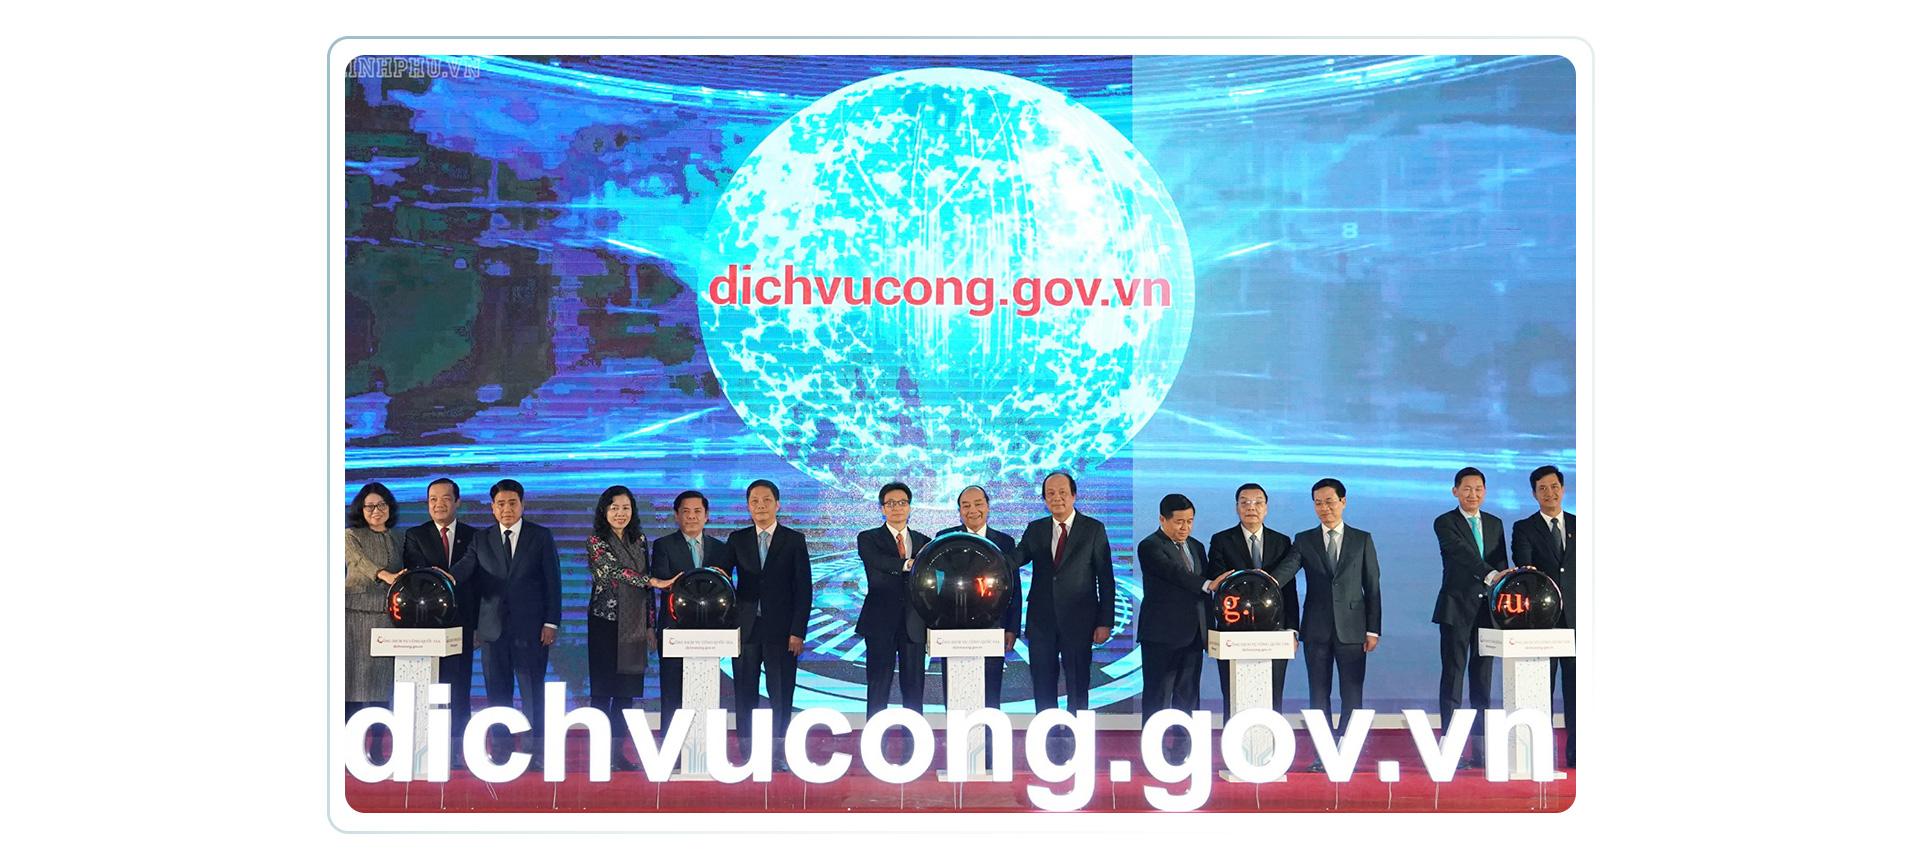 Thúc đẩy kinh tế số bằng nền tảng công nghệ Việt - Ảnh 14.